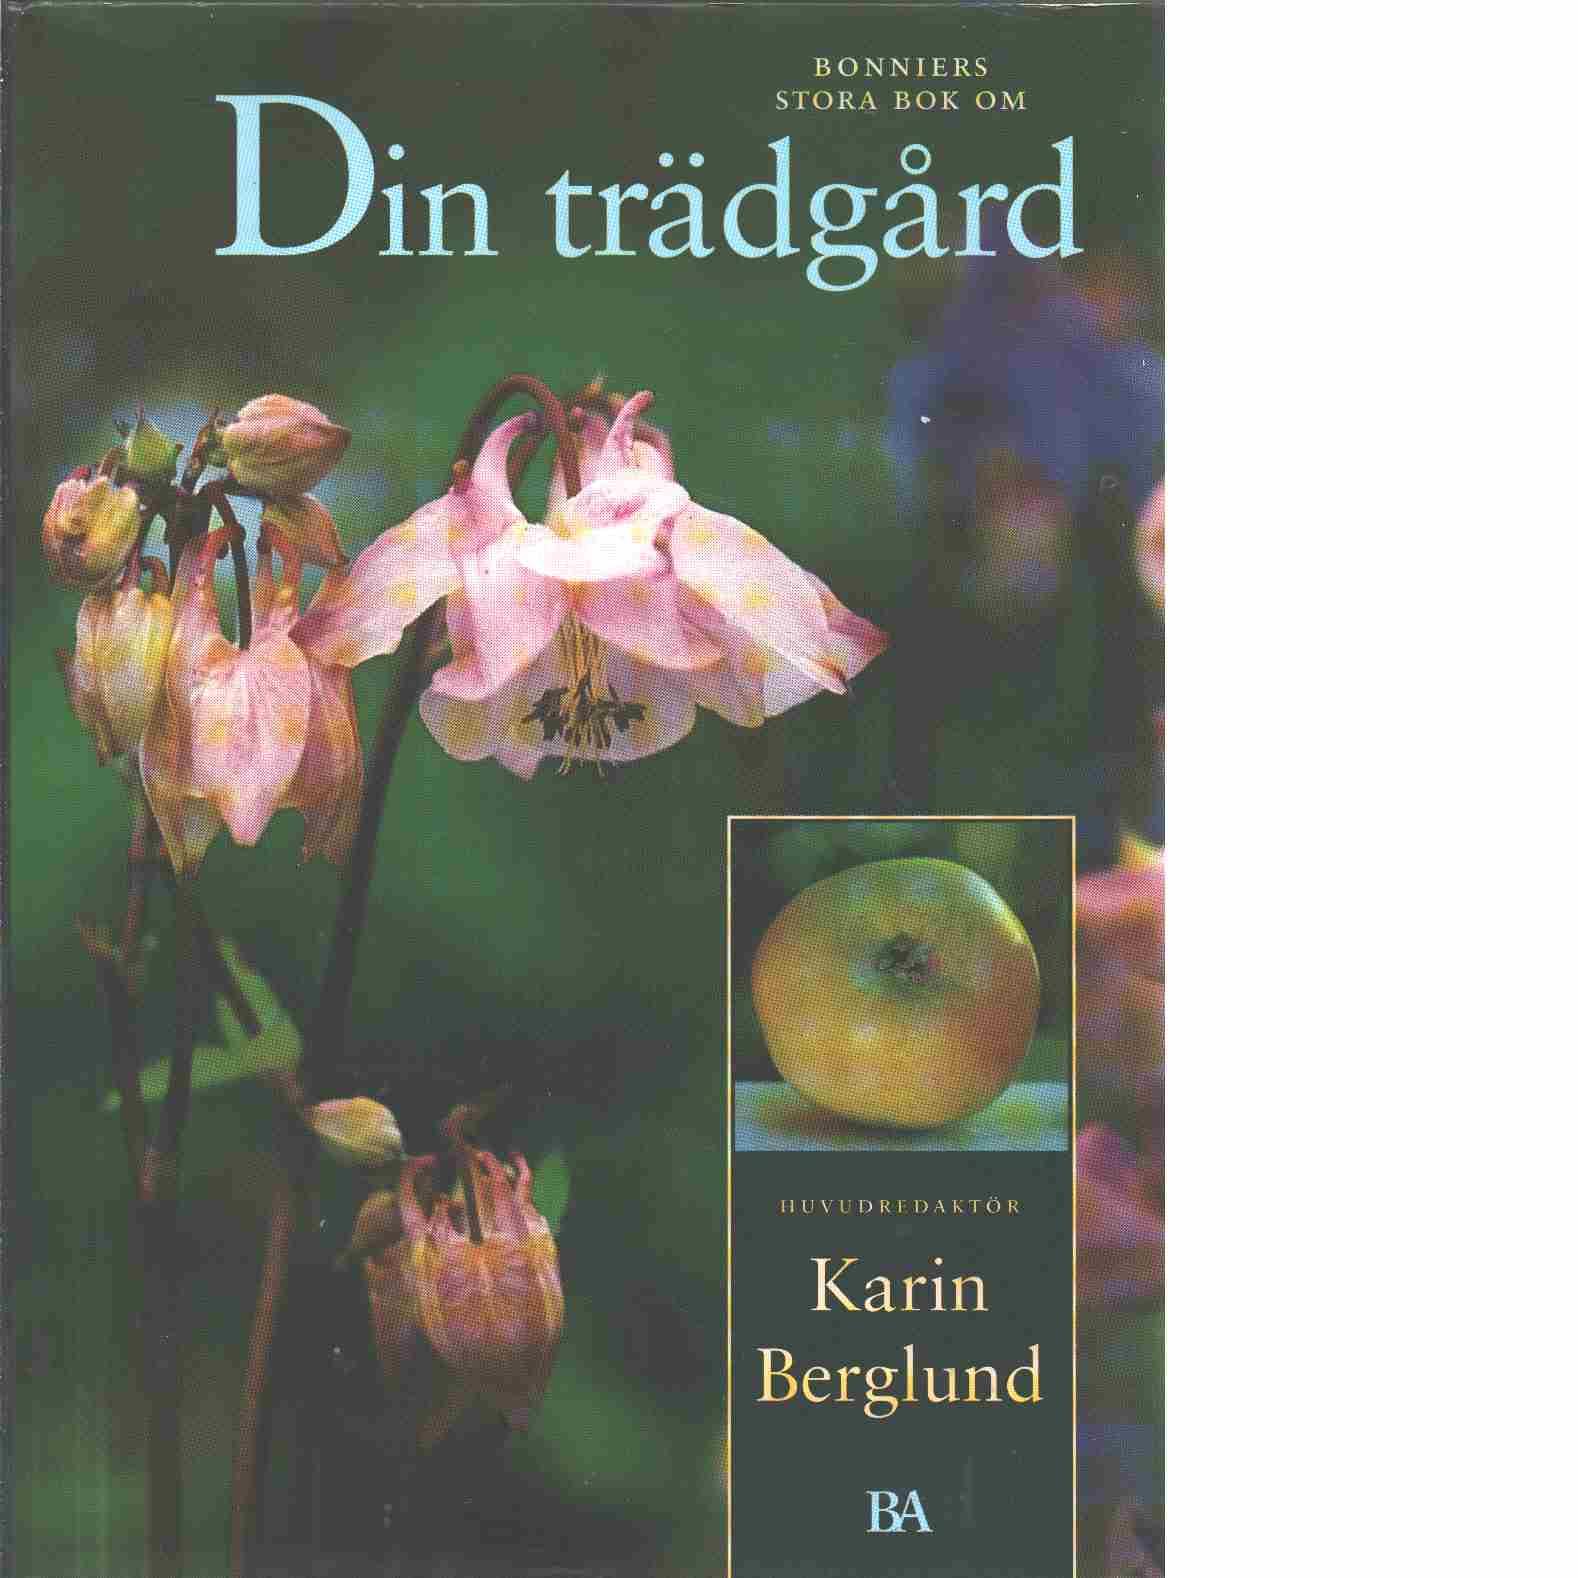 Bonniers stora bok om Din trädgård - Berglund, Karin m.fl.